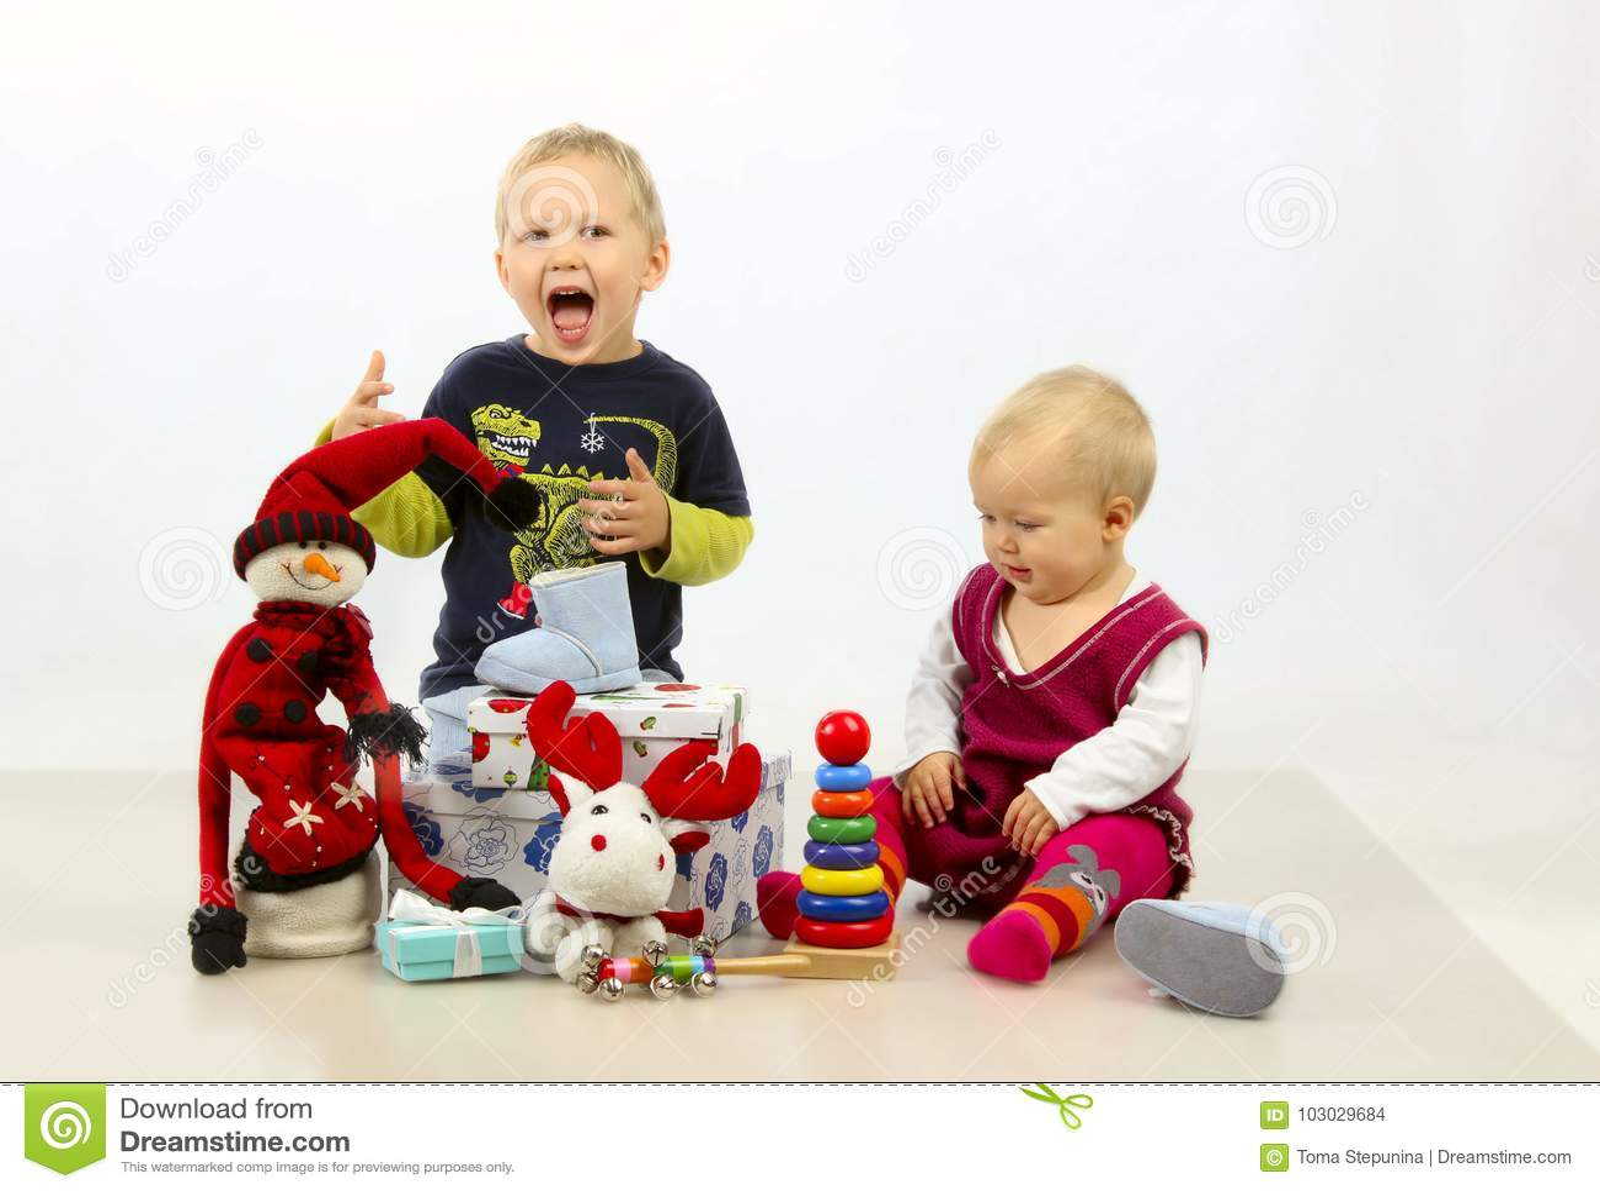 Regali Di Natale Fratello.Il Fratello E La Sorella Stanno Giocando Con I Giocattoli Di Natale